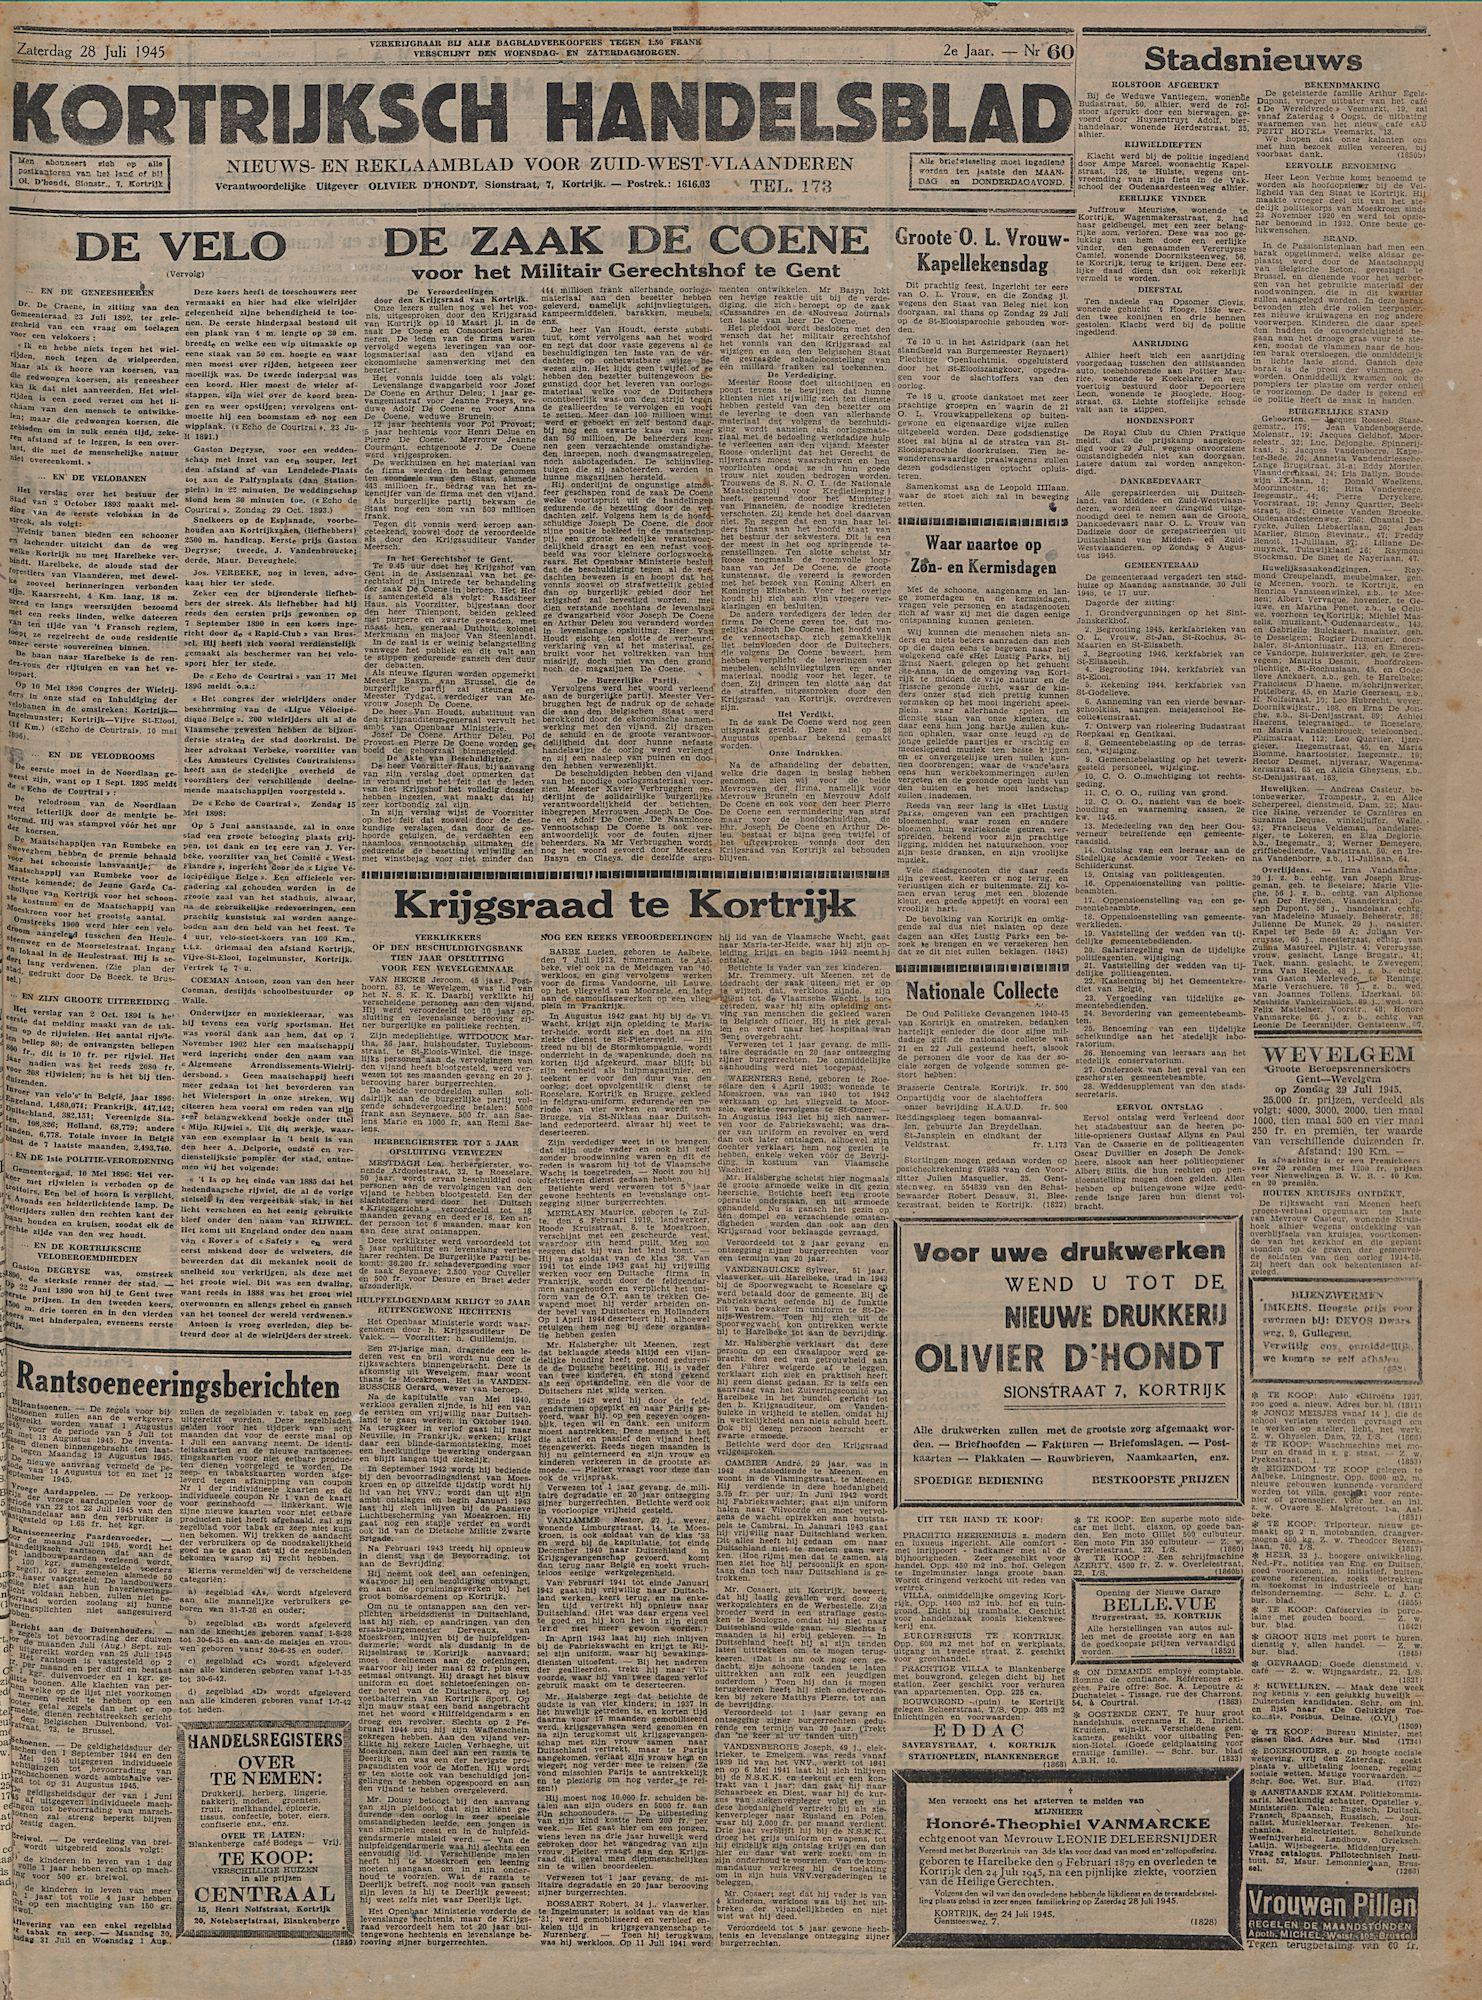 Kortrijksch Handelsblad 28 juli 1945 Nr60 p1